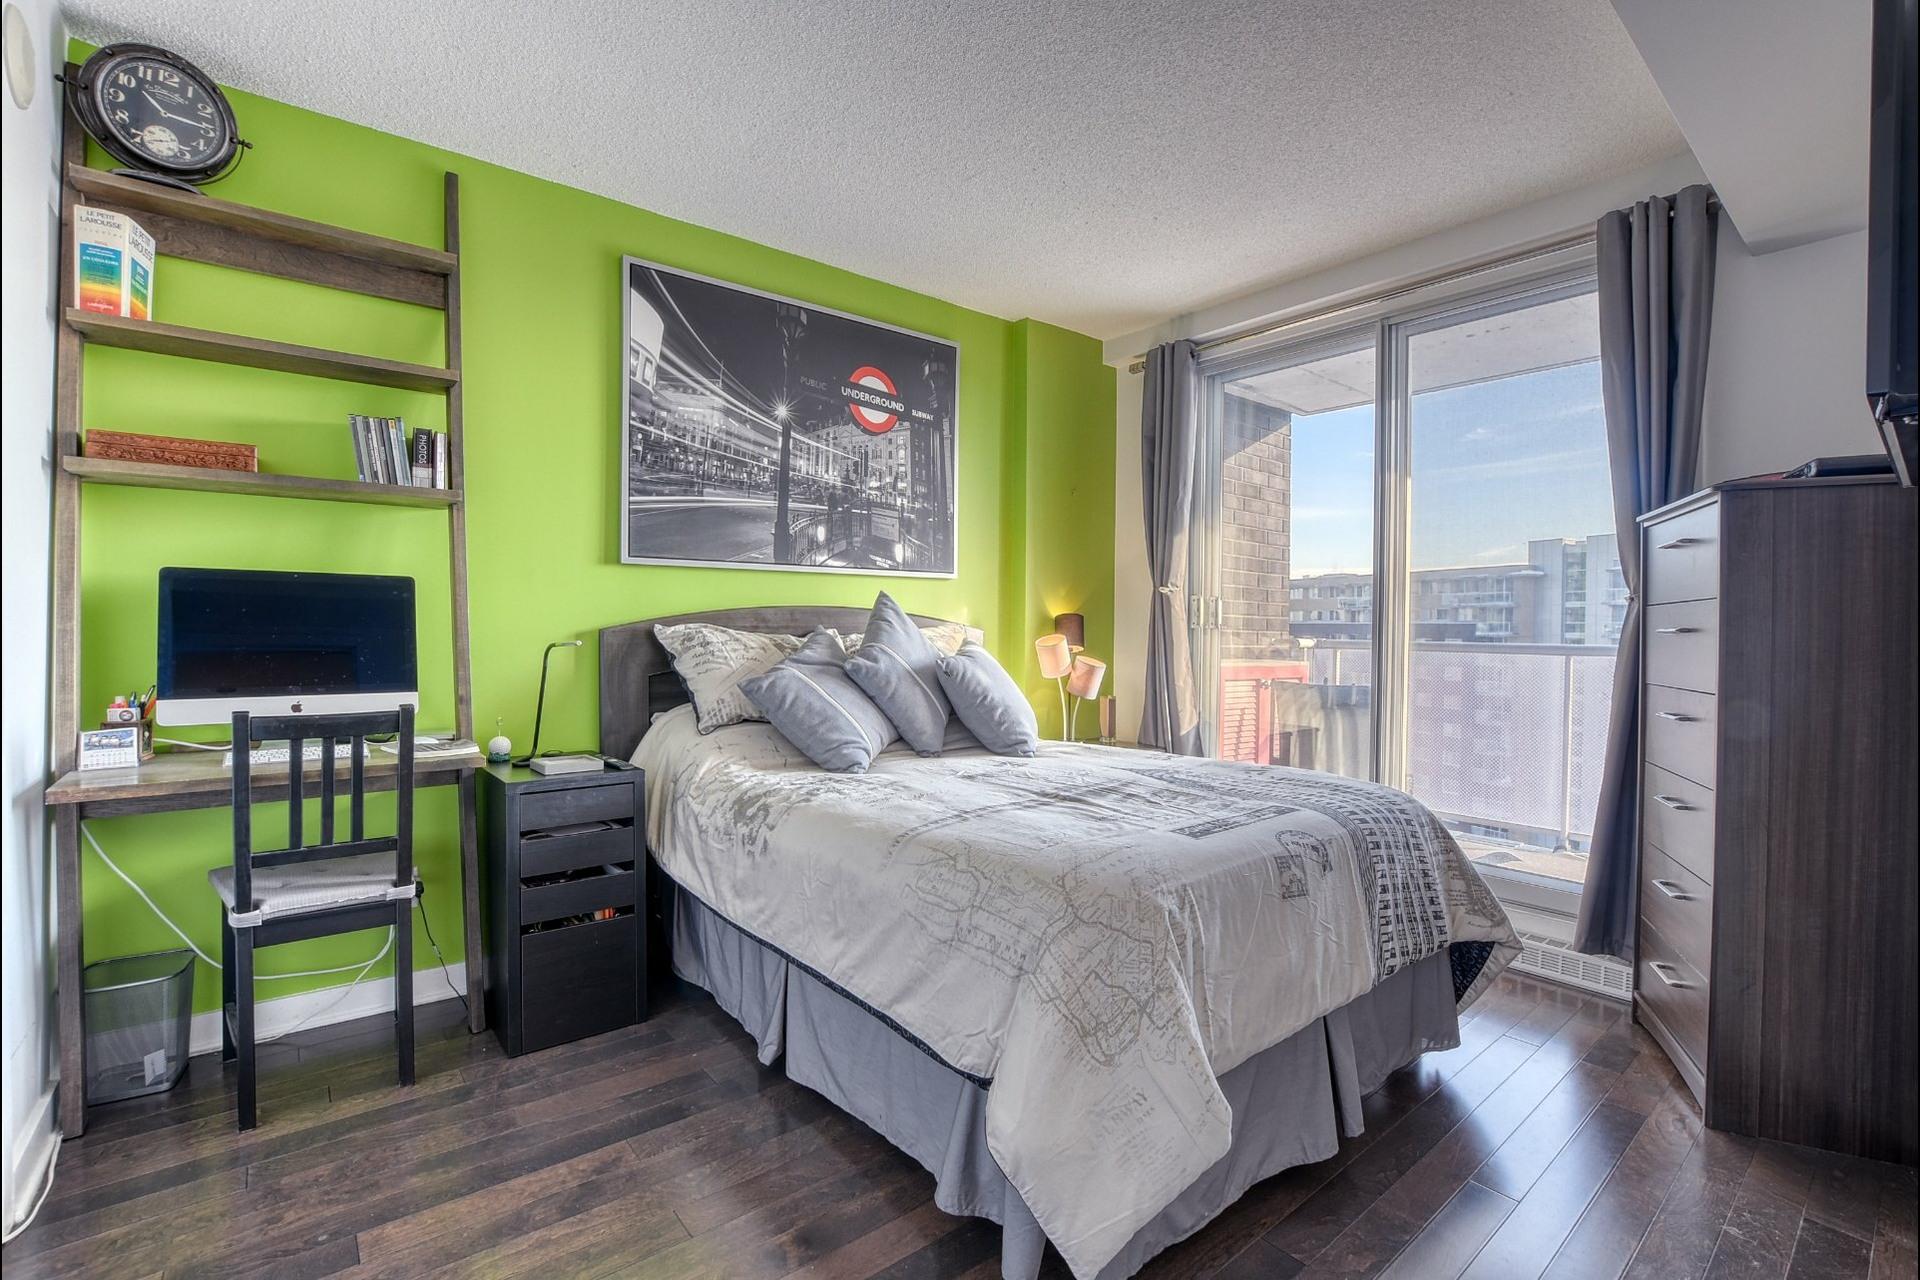 image 11 - Appartement À vendre Ahuntsic-Cartierville Montréal  - 4 pièces